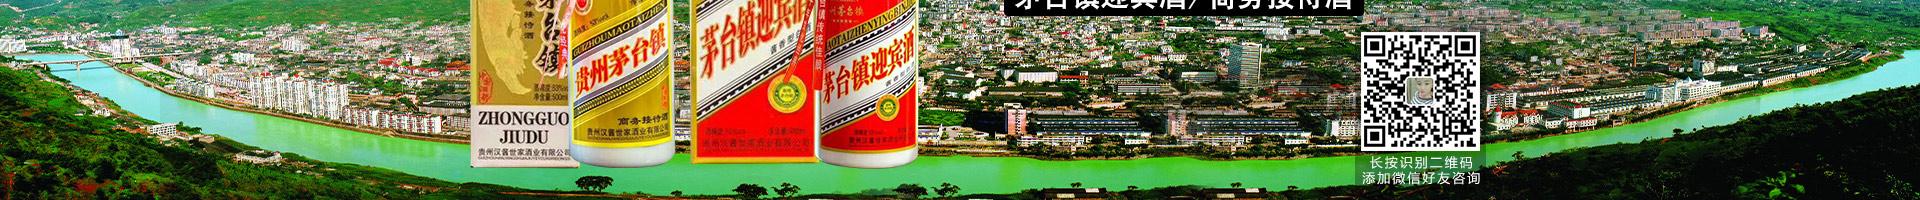 贵州汉酱世家酒业有限公司